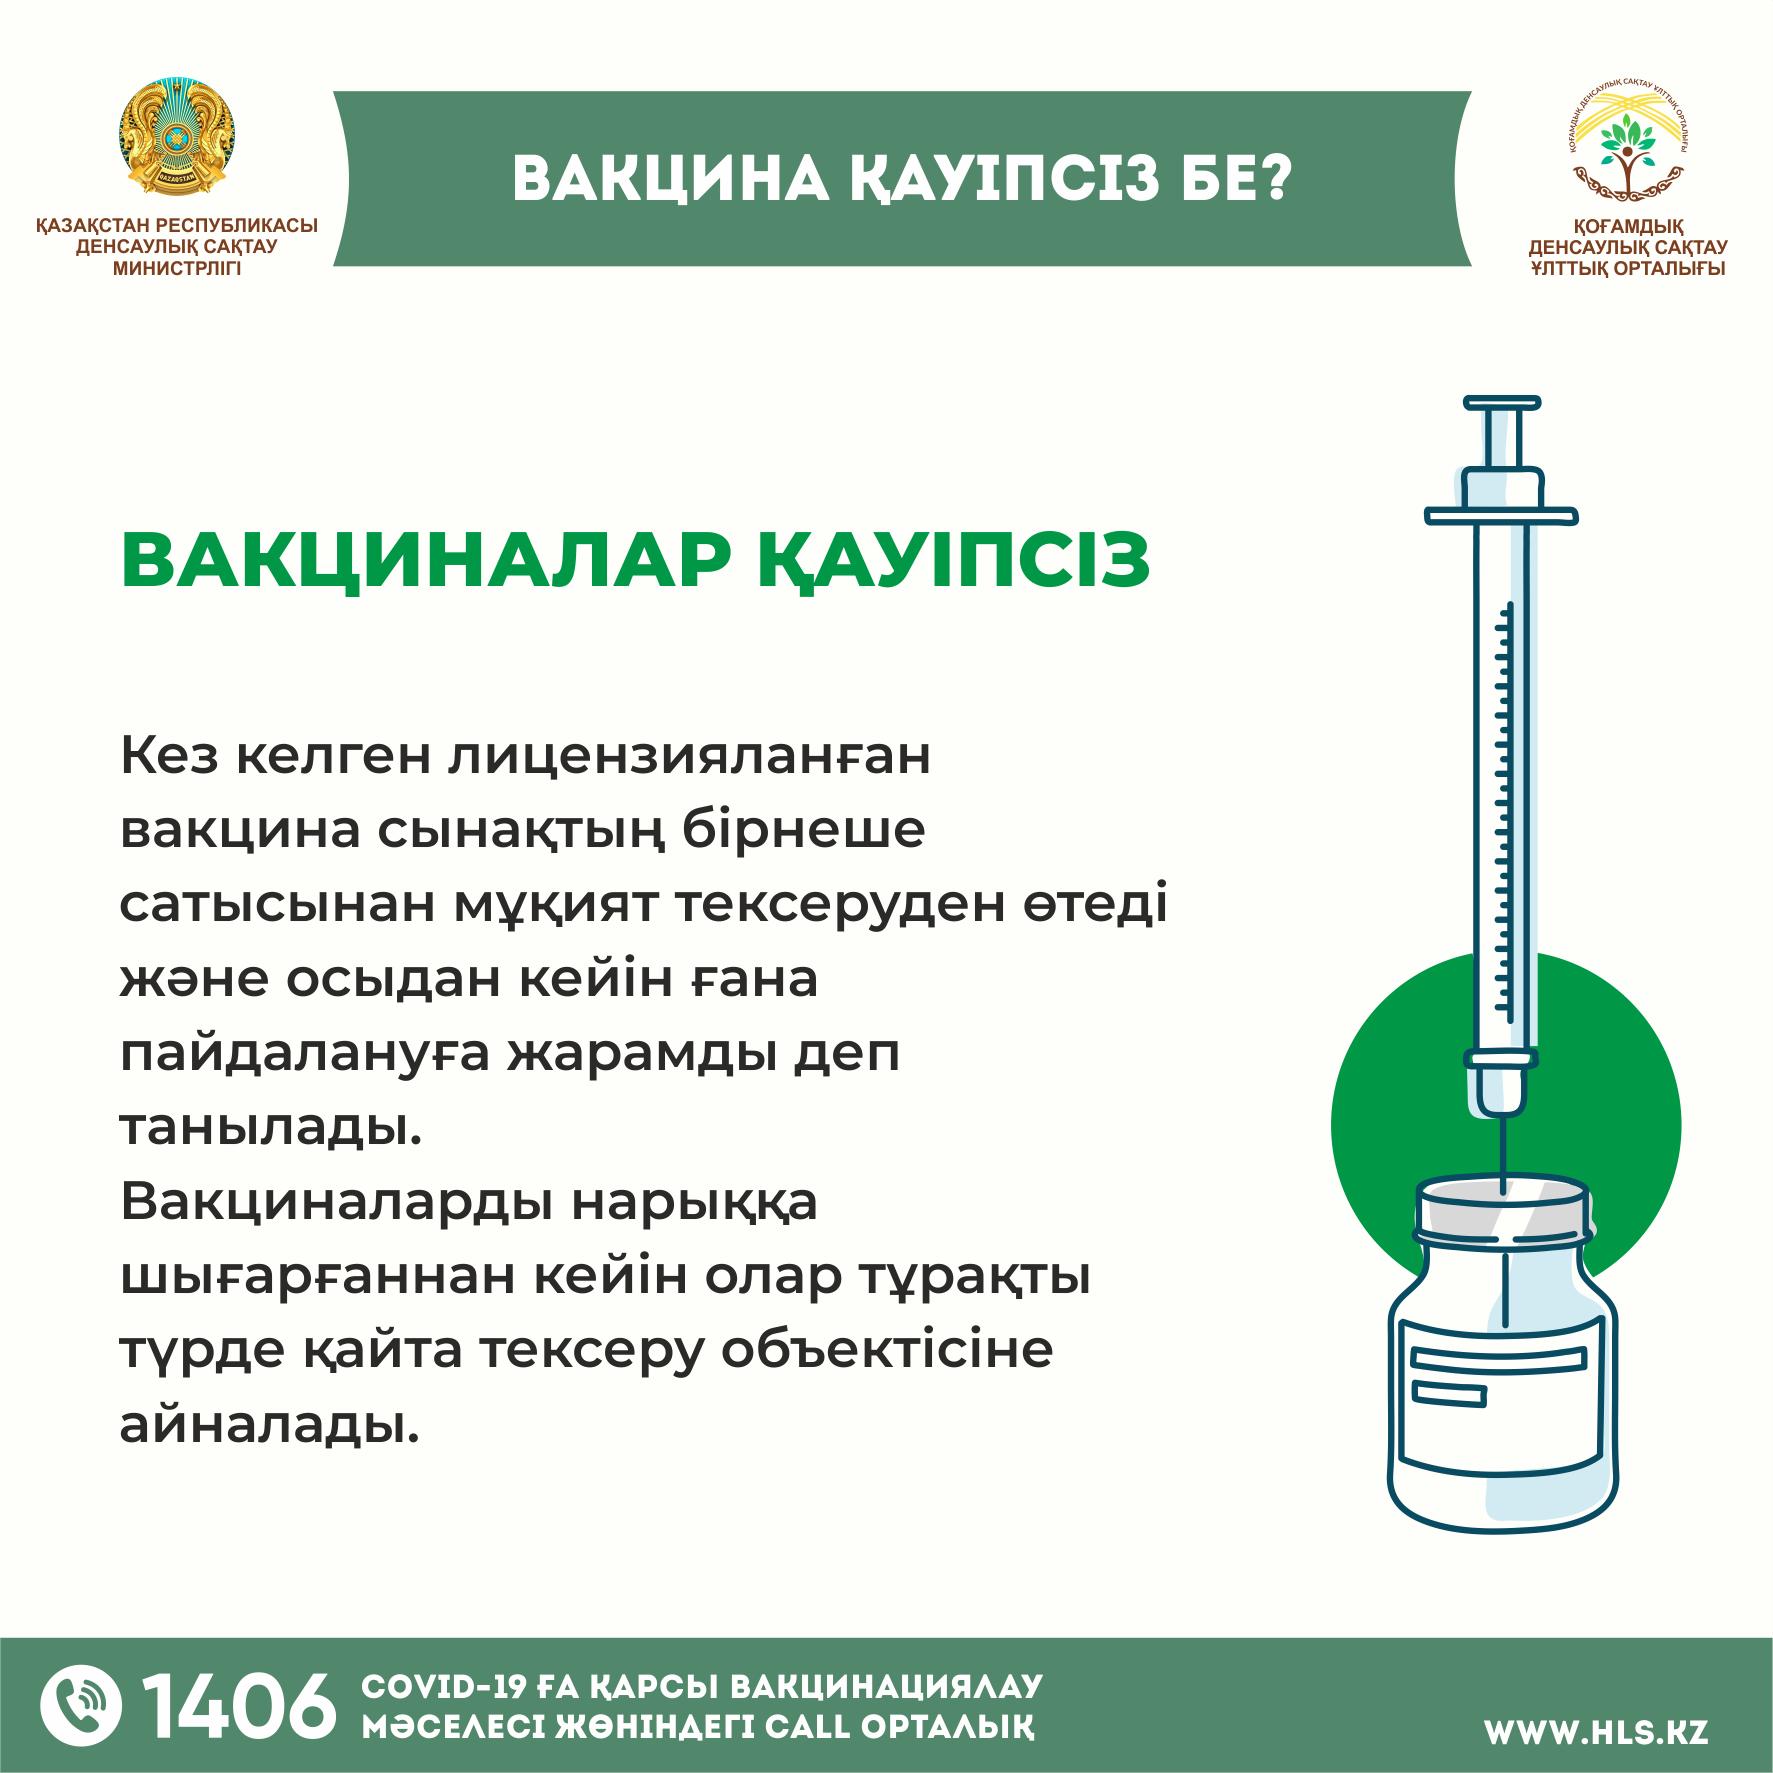 Безопасна ли вакцина КАЗ